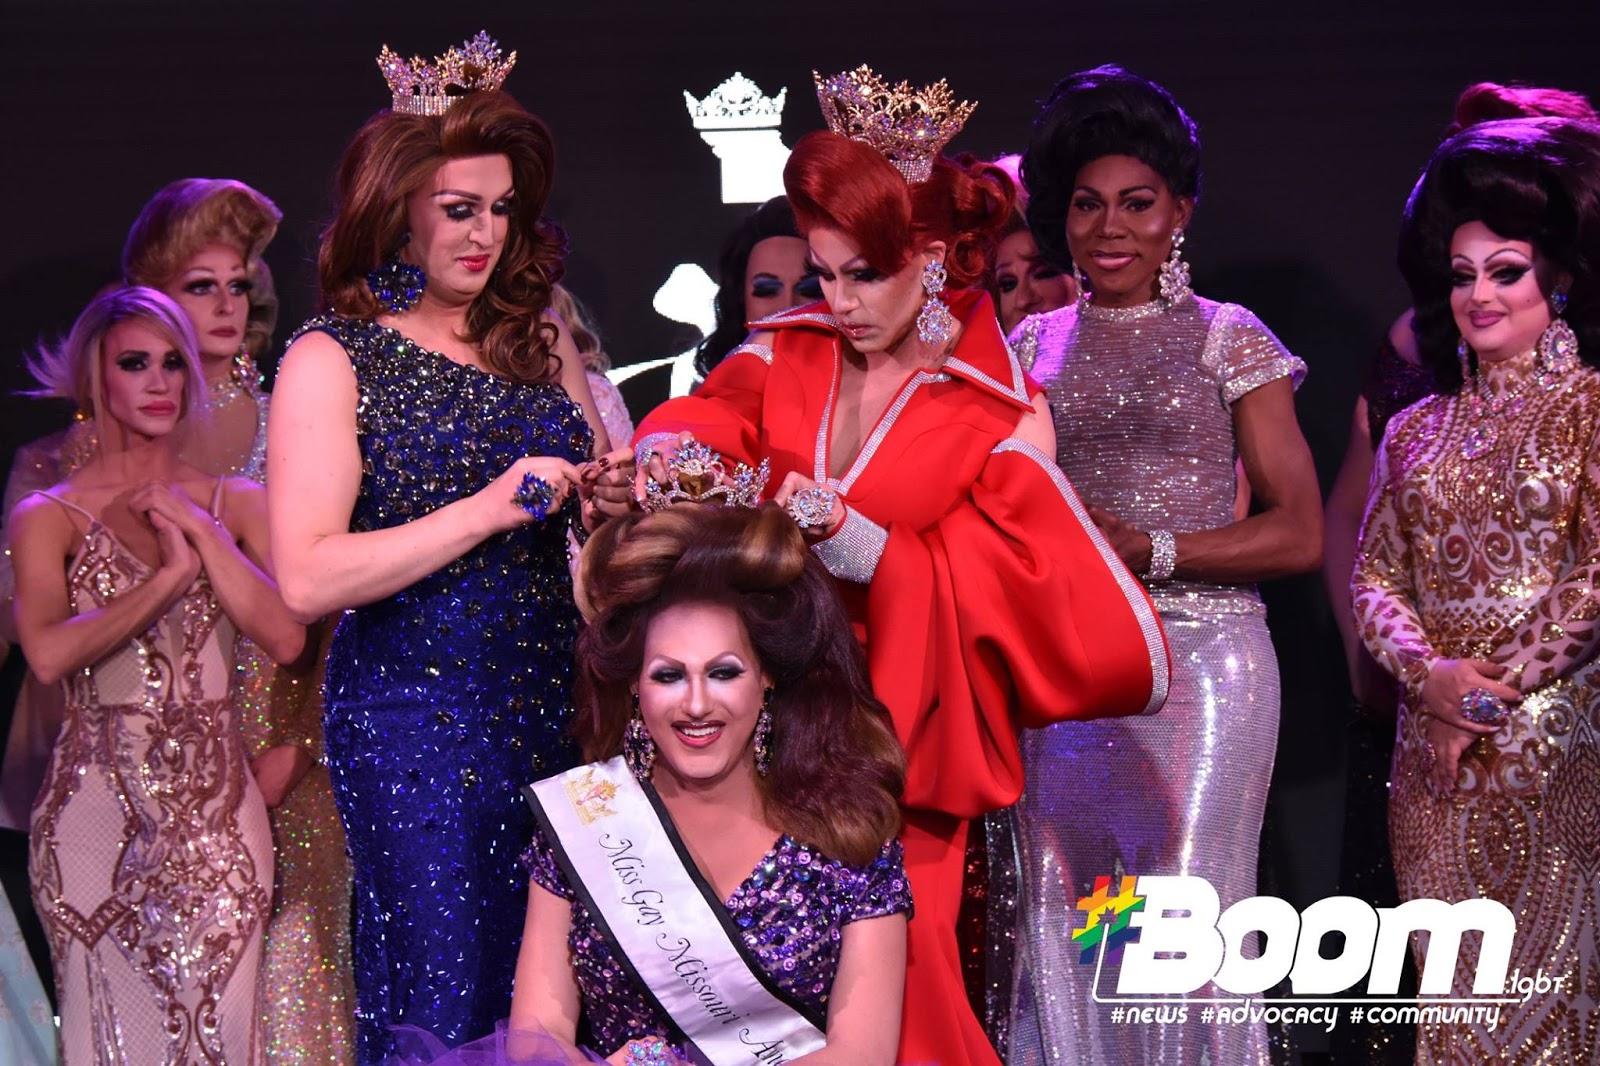 Miss Gay Arkansas America